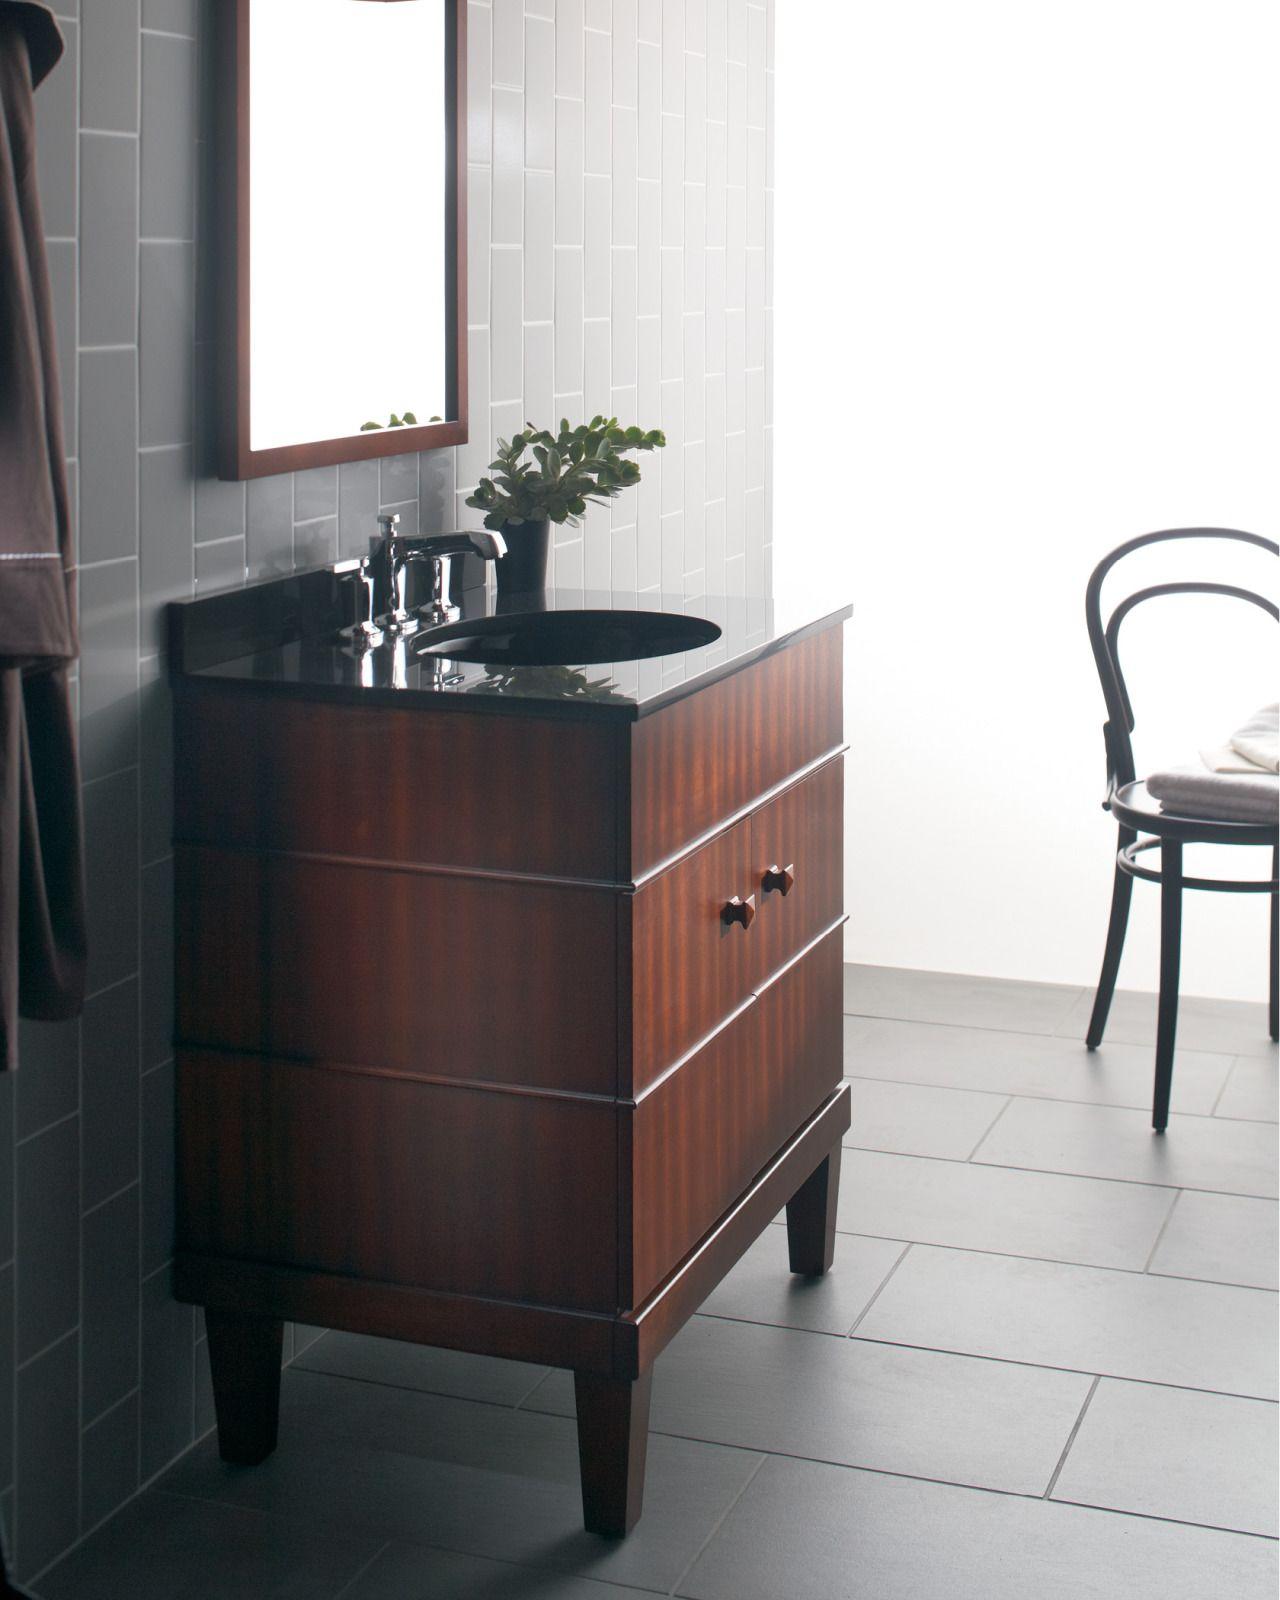 bold ideas from kohler  vanity minimalist bathroom